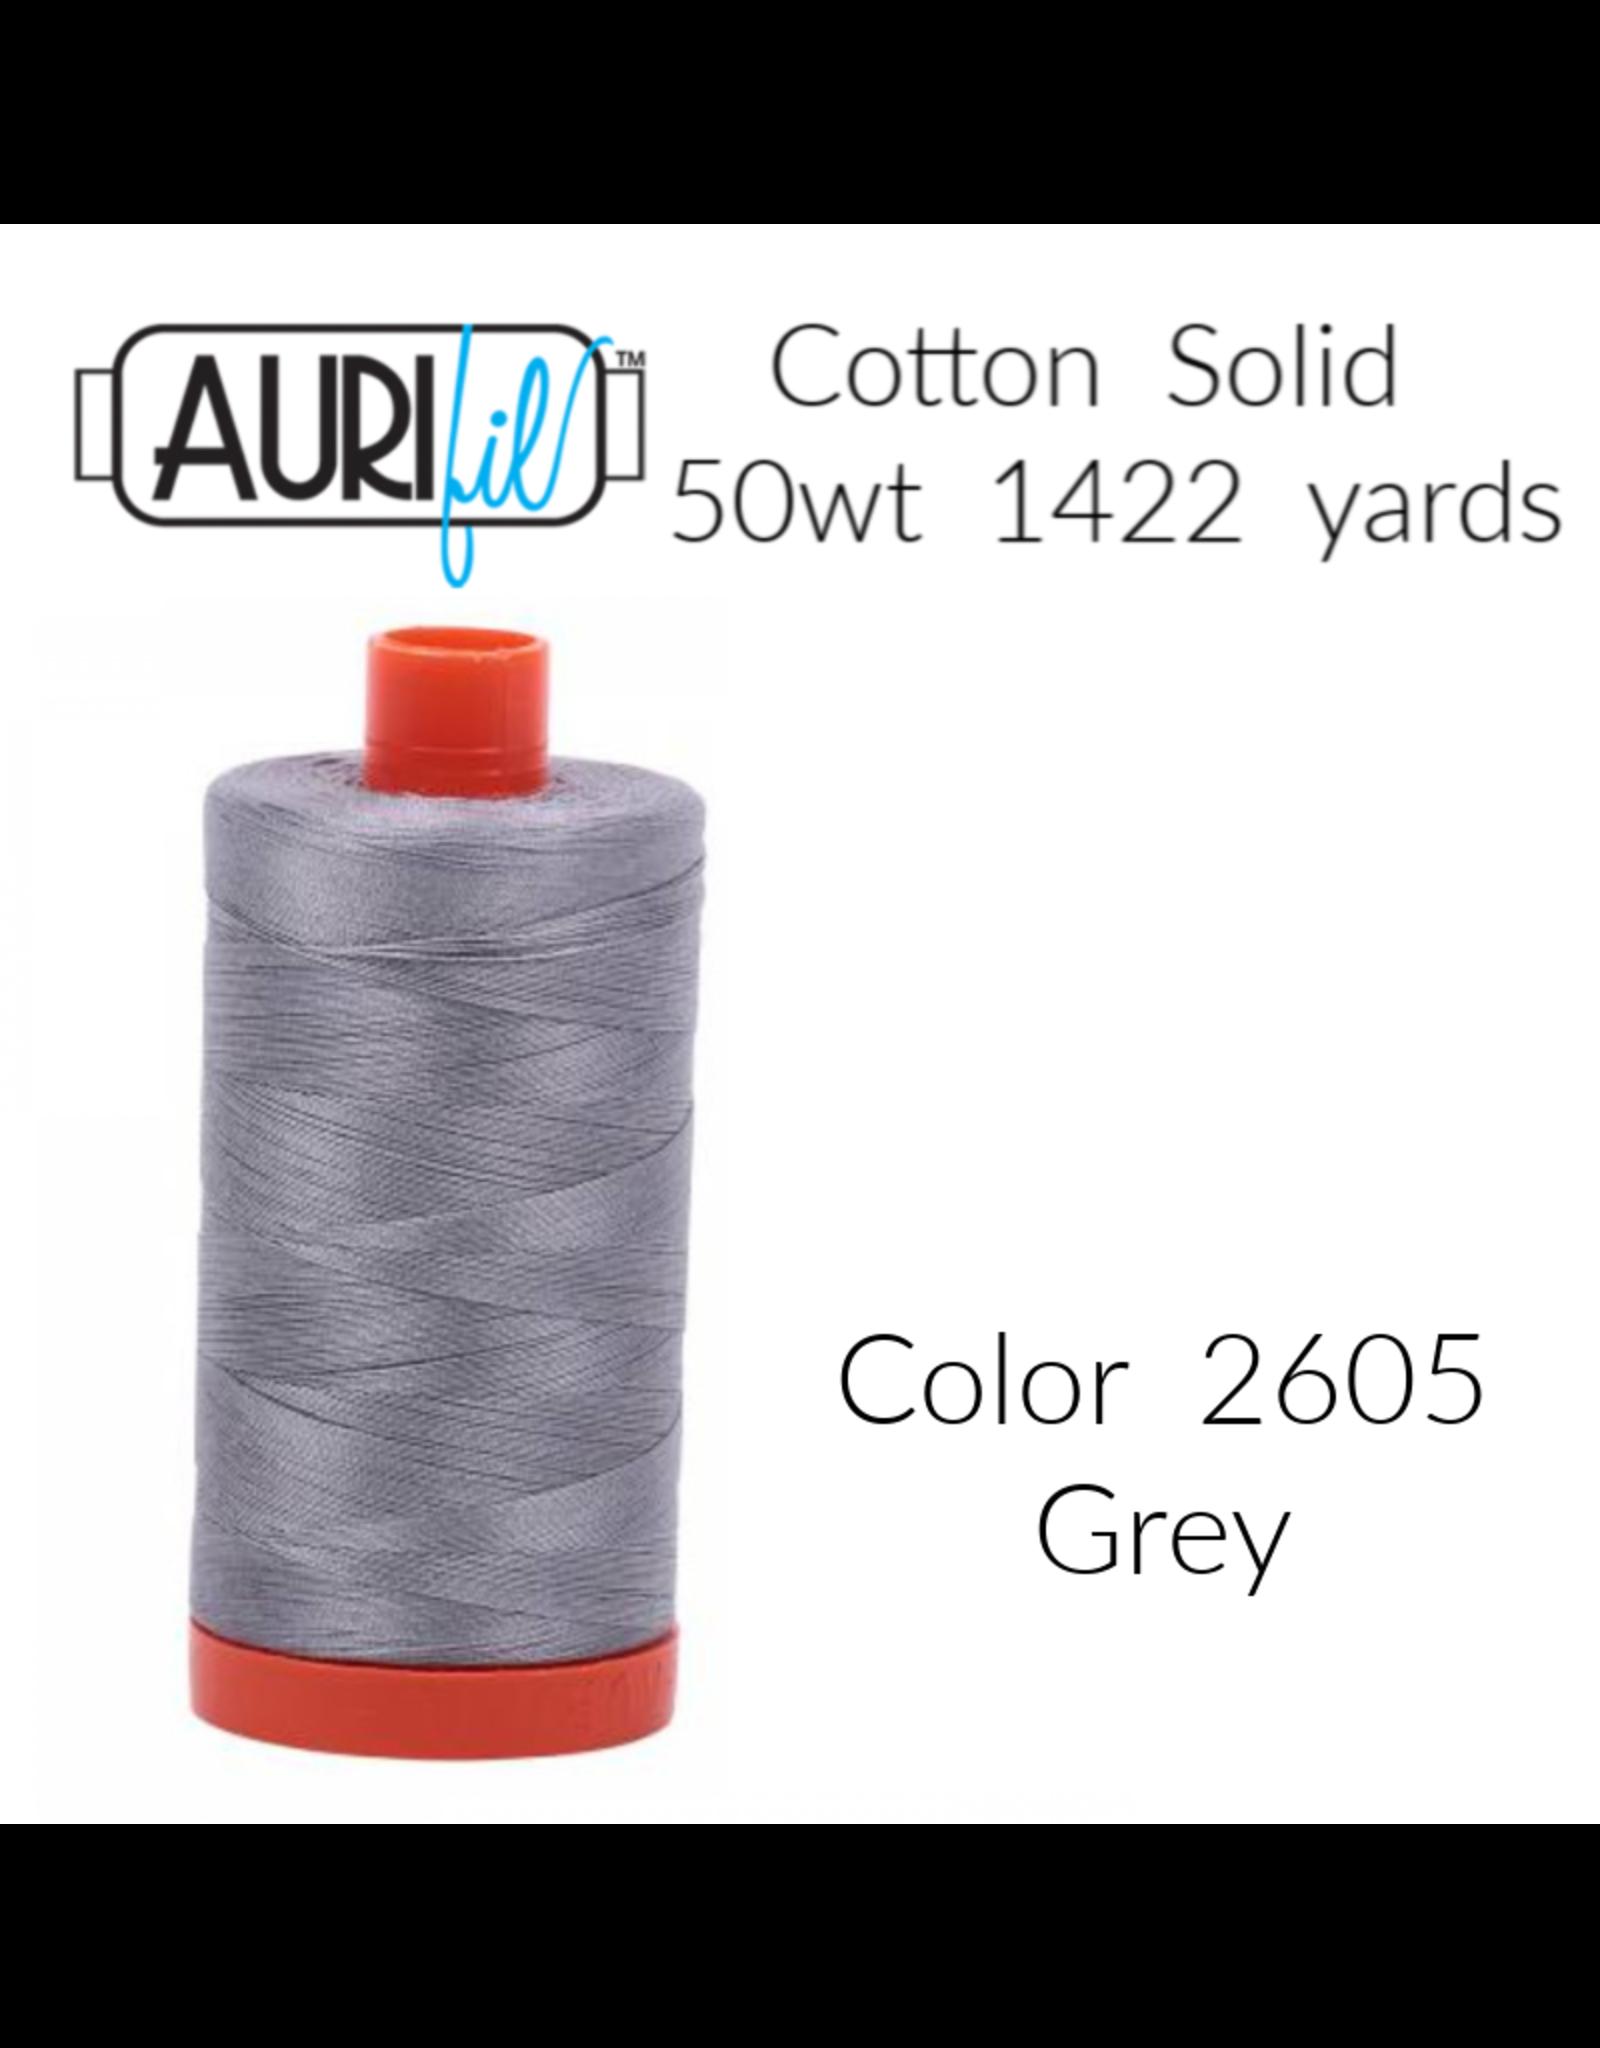 Aurifil Aurifil Thread, 50wt, 100% Cotton Mako, Large Spool 1422 yds. Color 2605: Grey